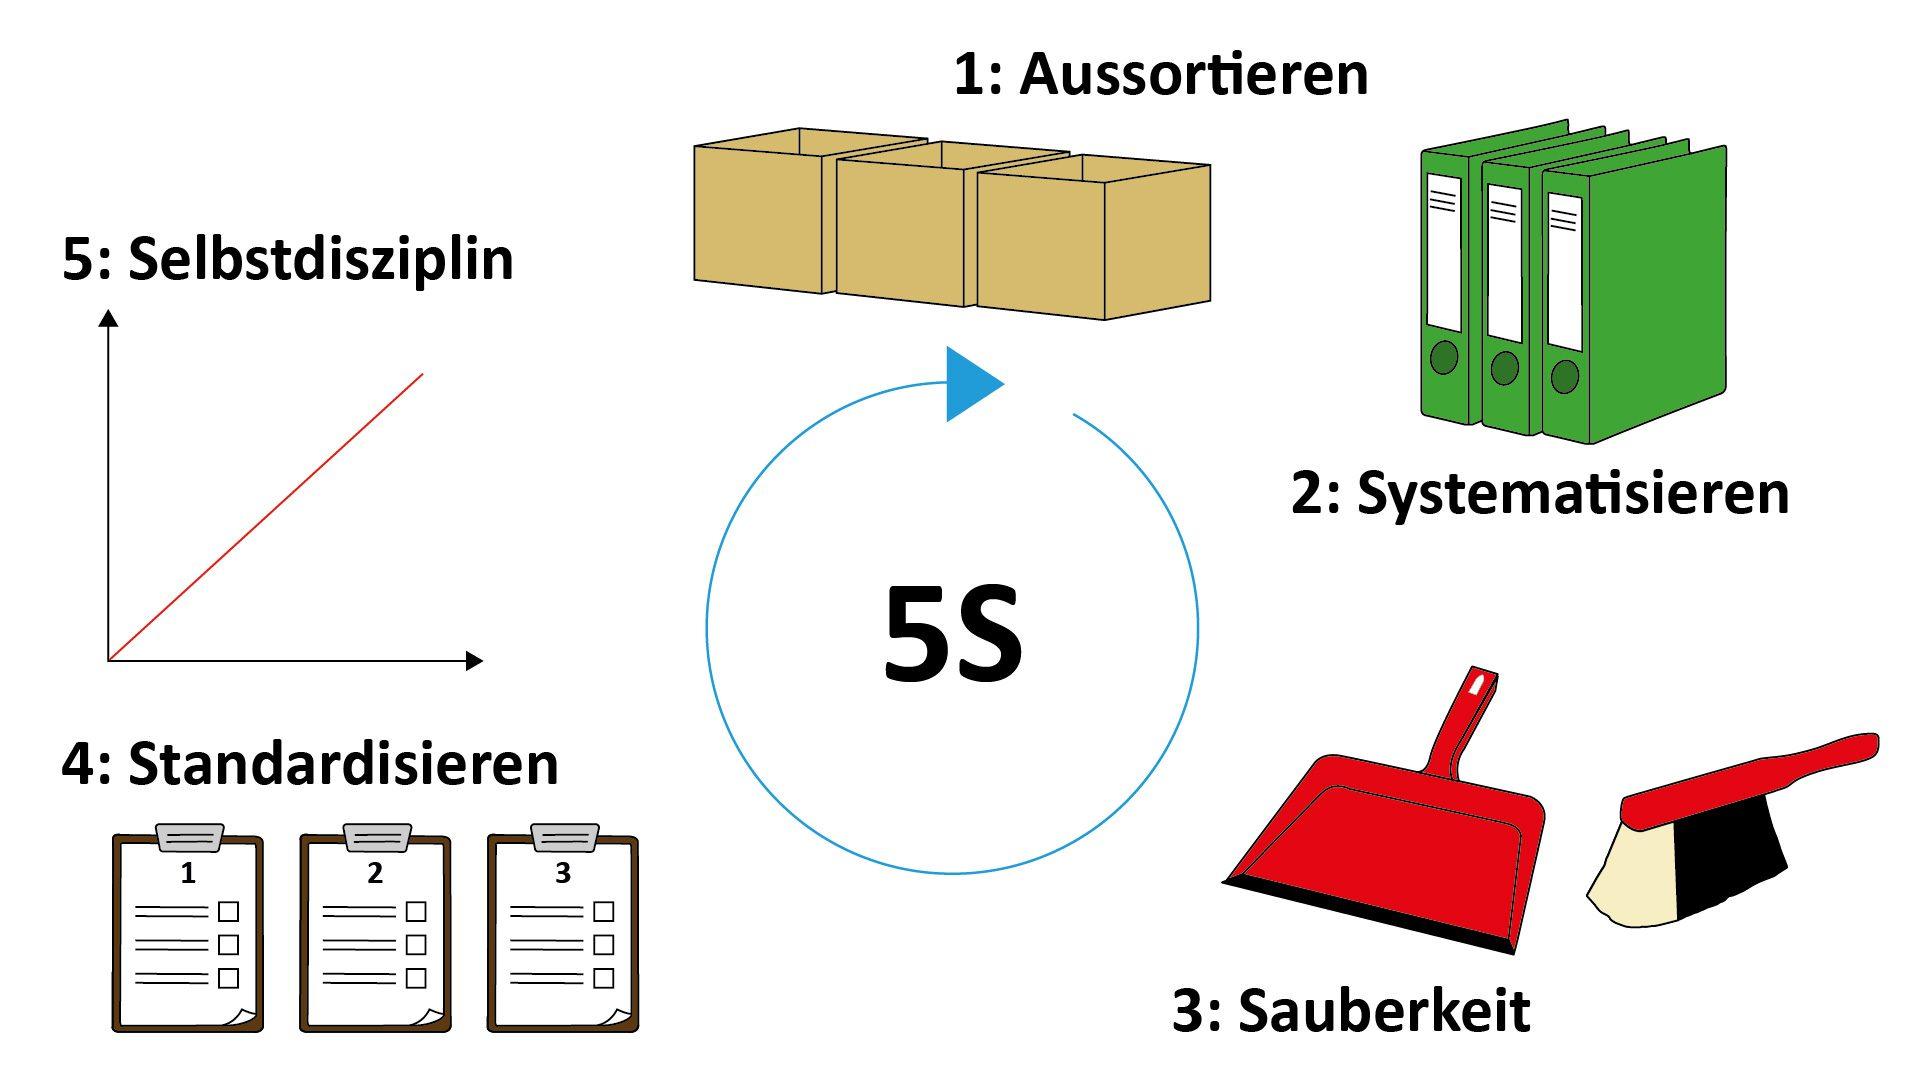 5S Lean Management